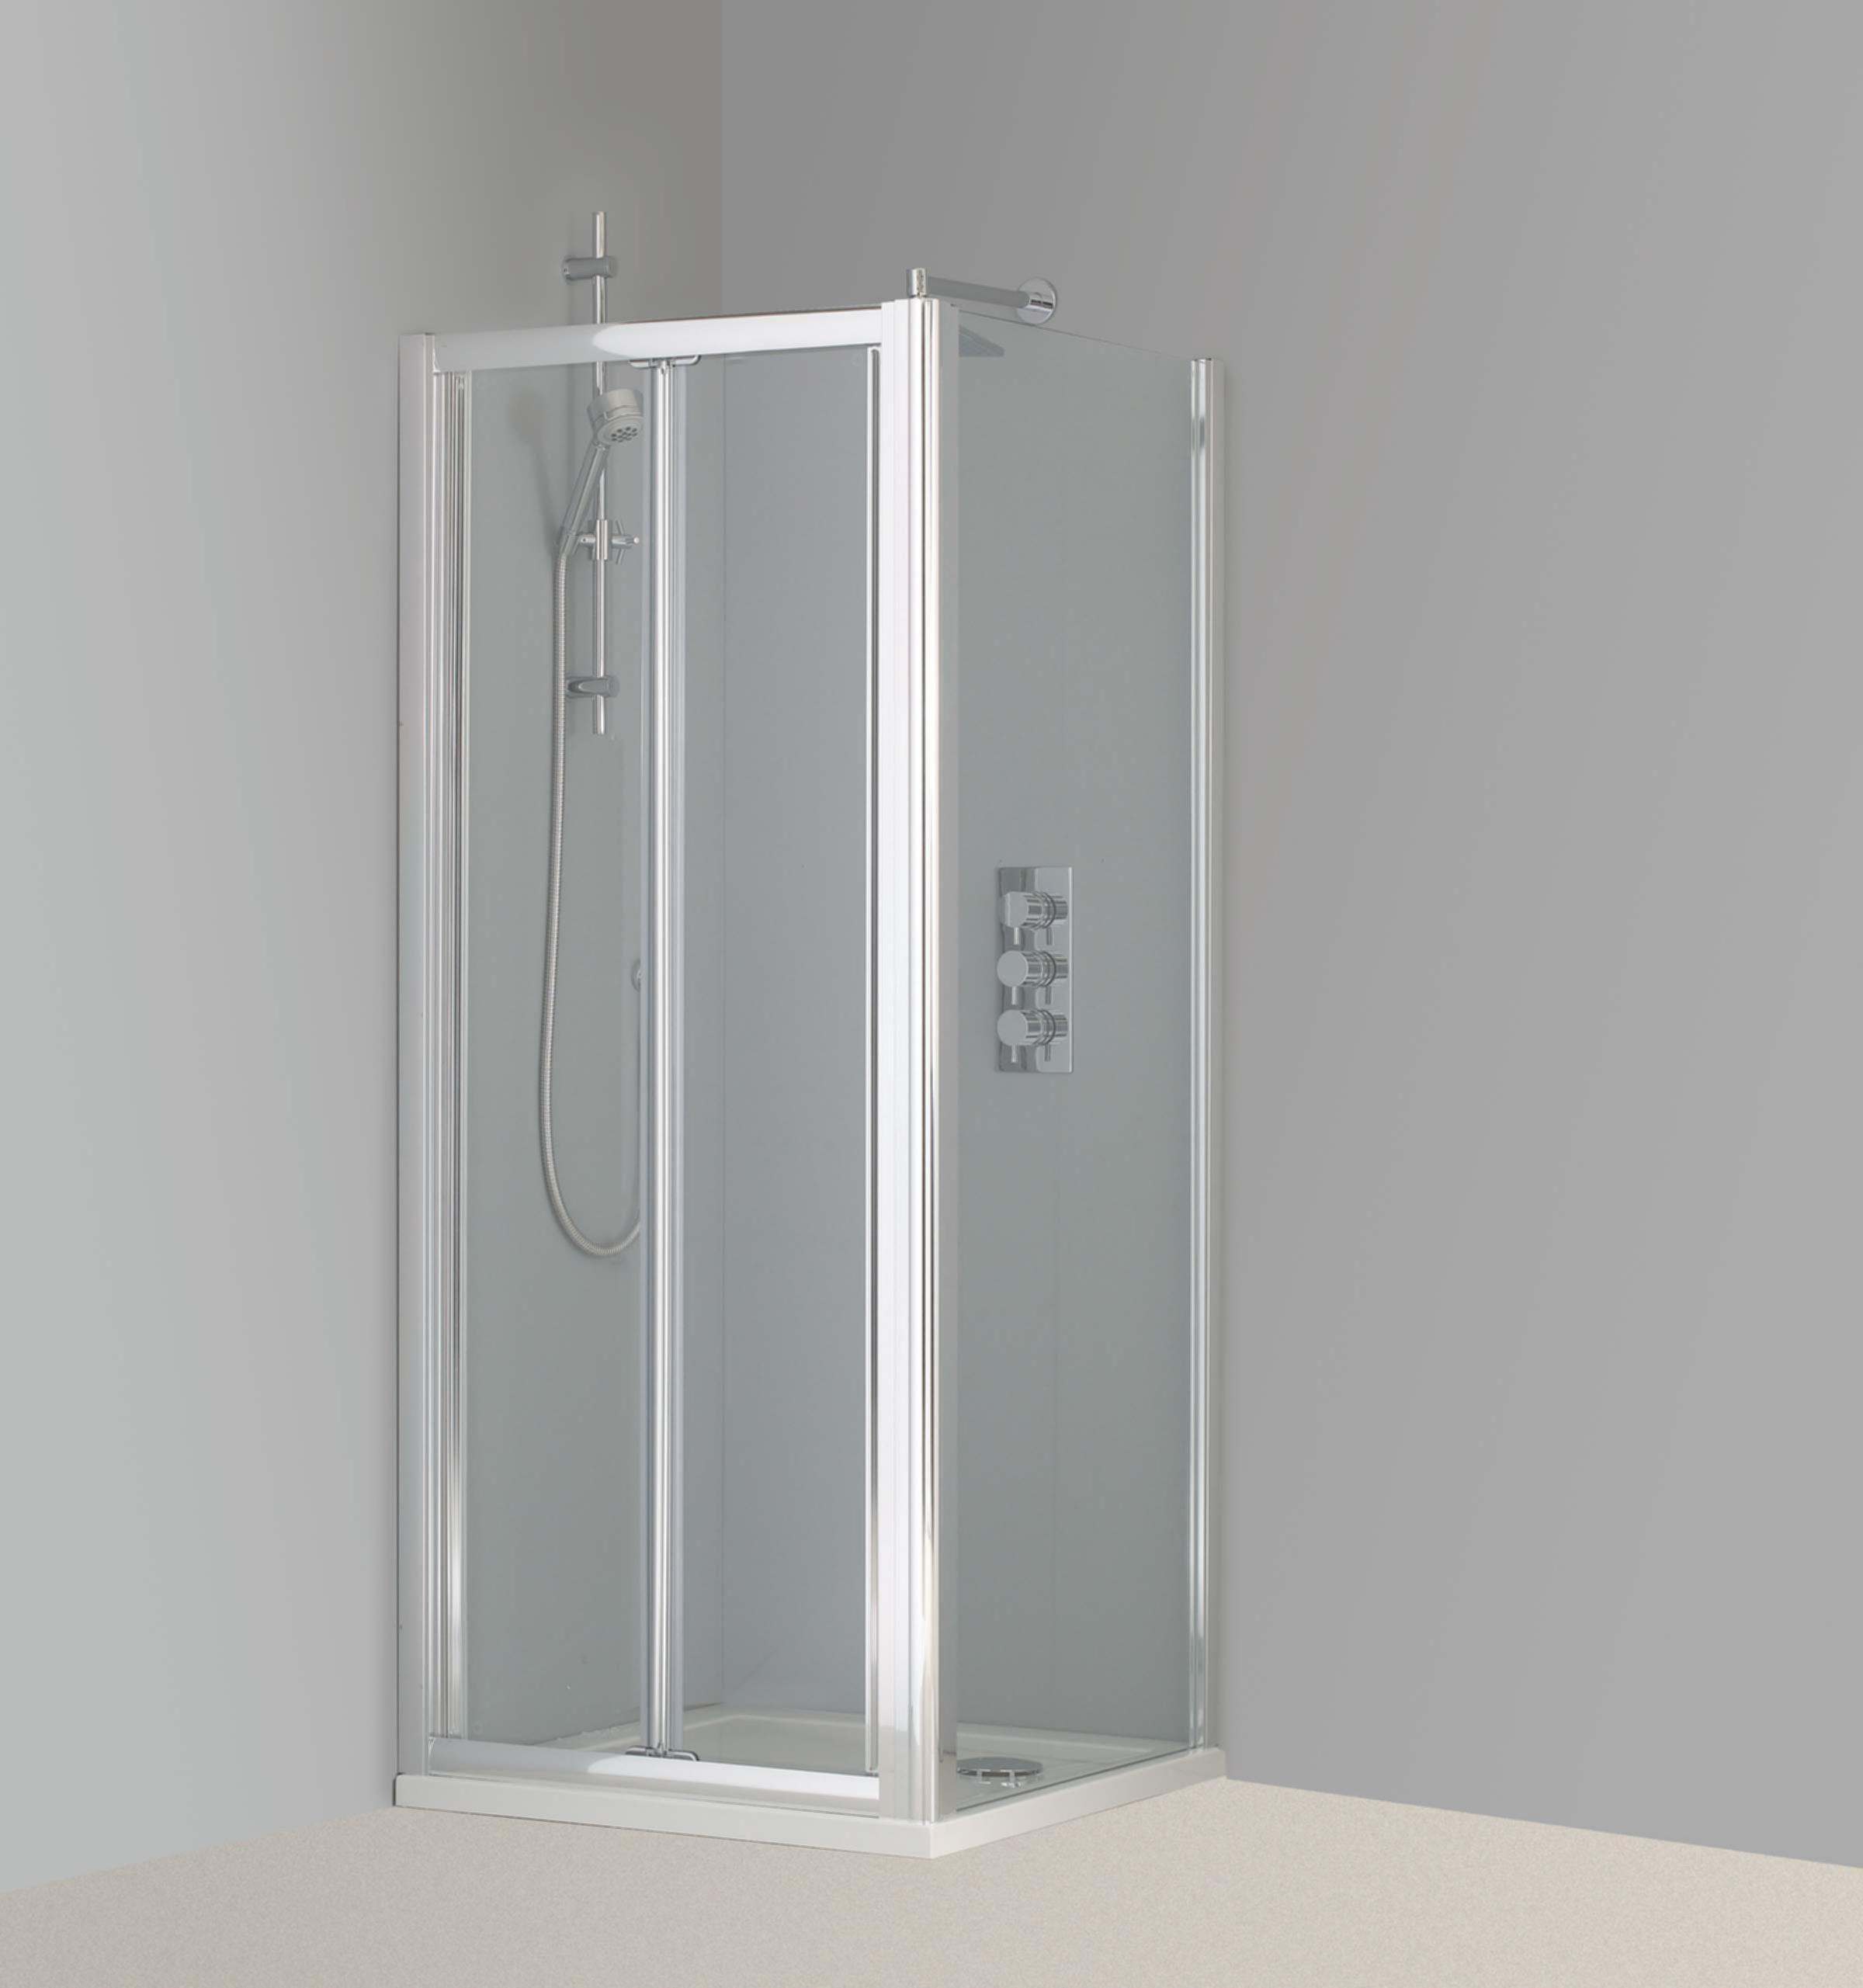 Bathroom Door Plastic Bifold Shower Doors Plastic Folding Shower